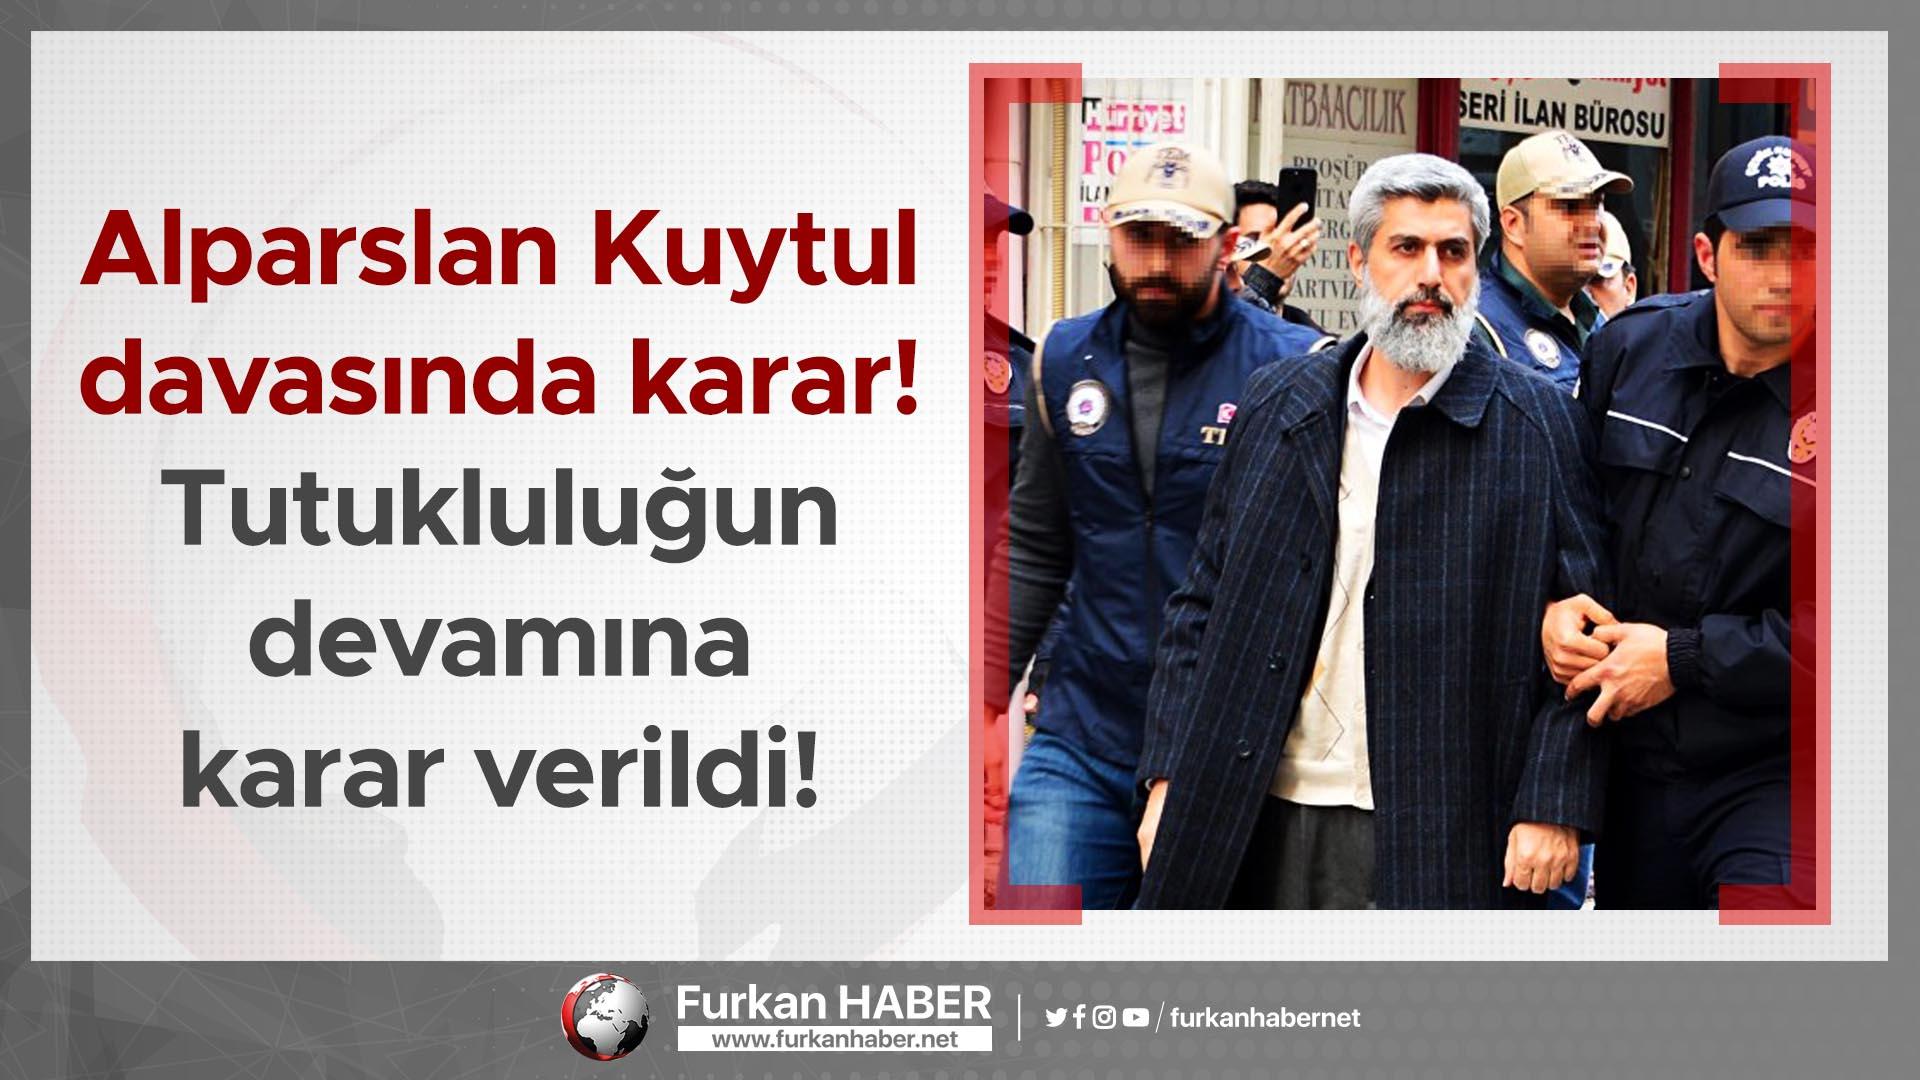 Alparslan Kuytul Davasında Karar: Tutukluluğunun Devamına Karar Verildi!